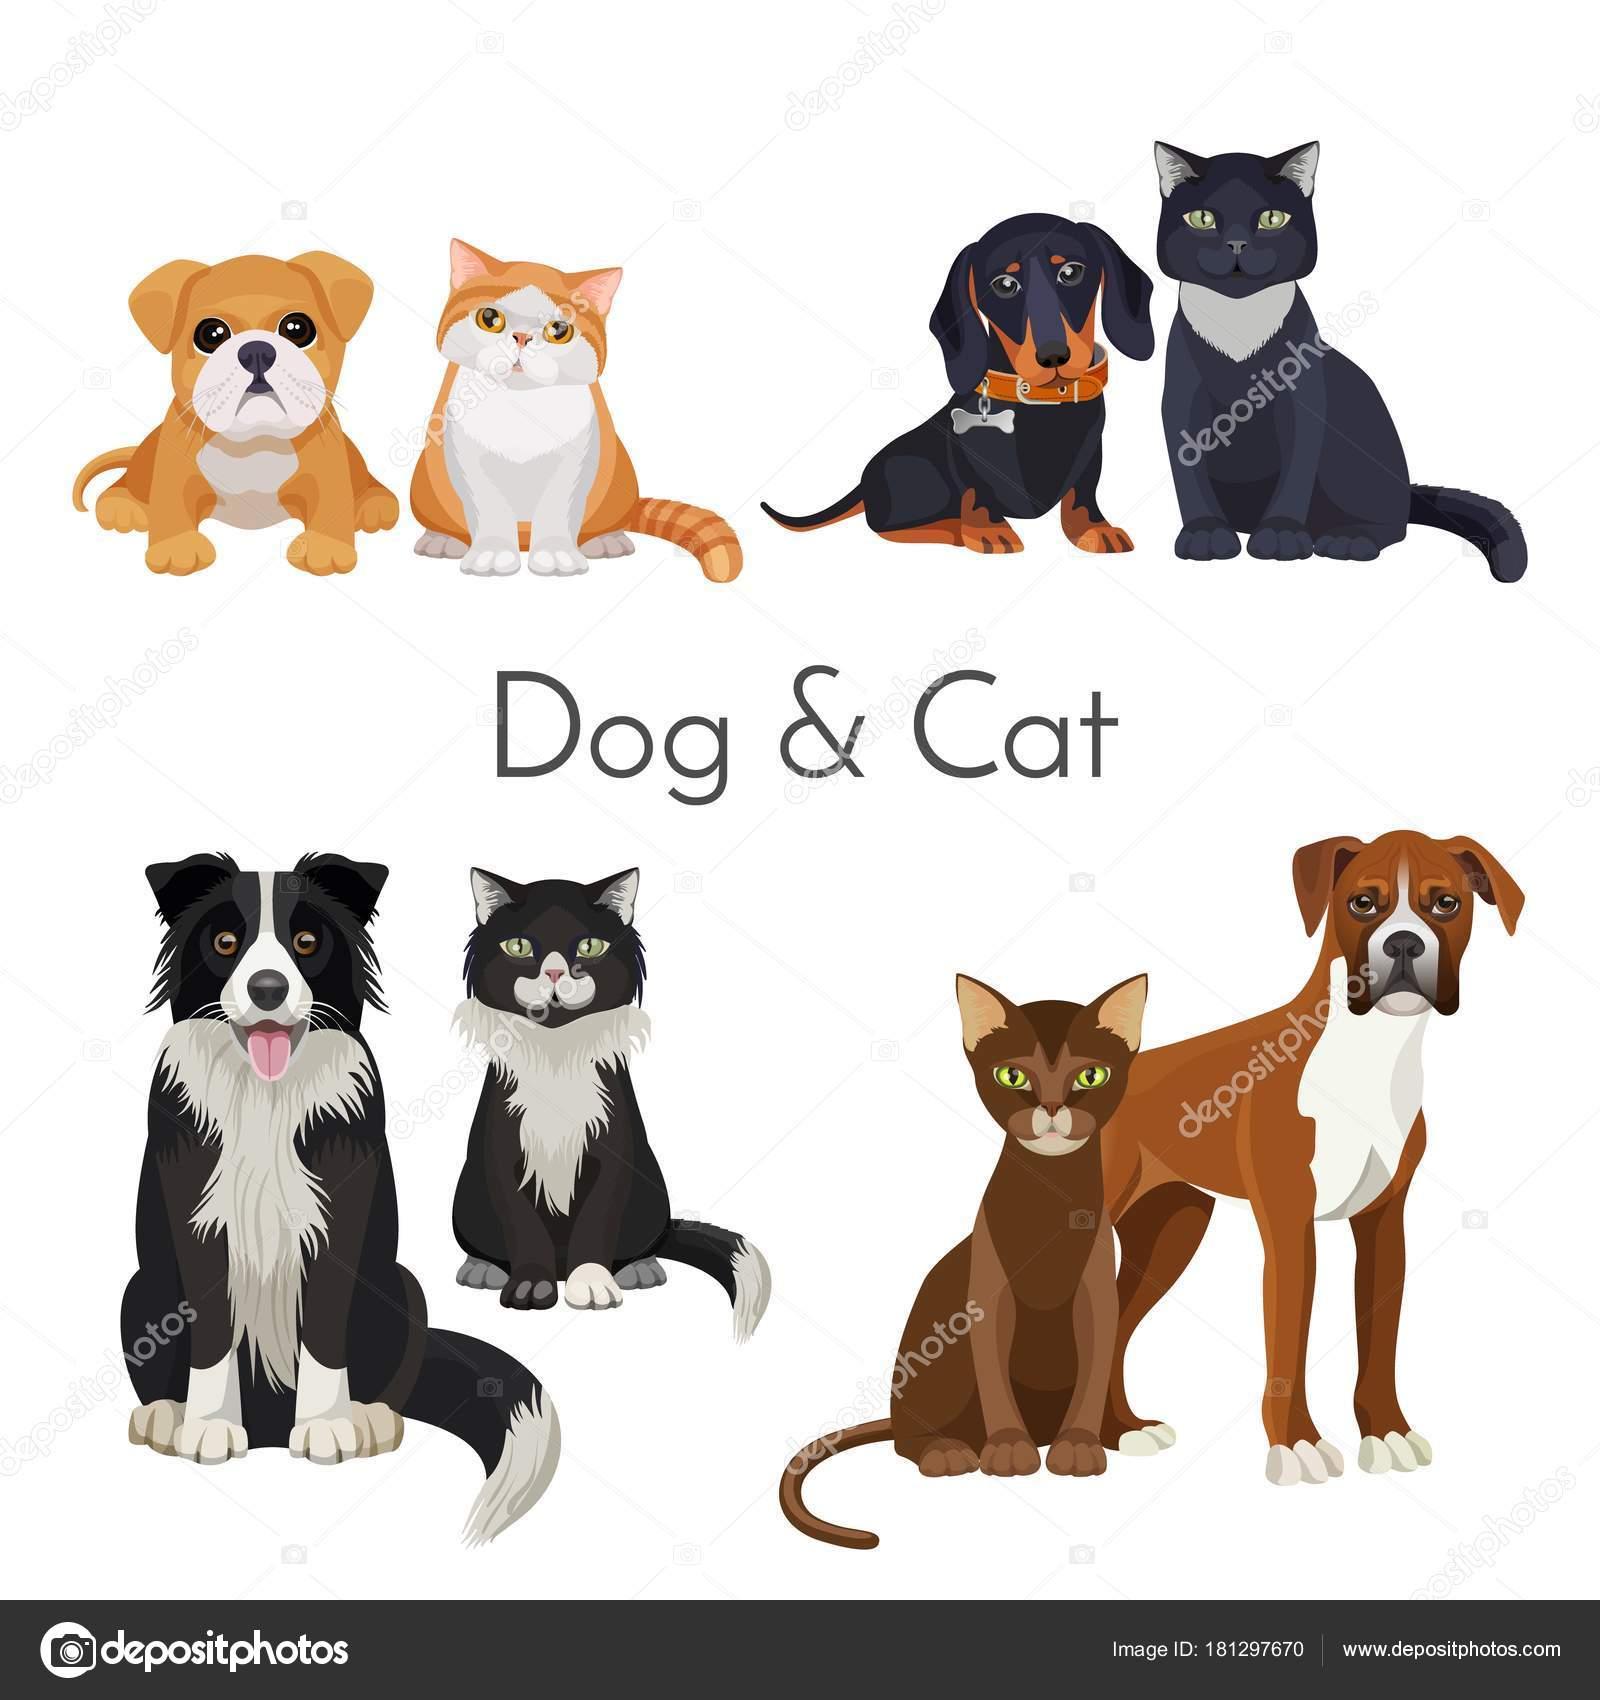 8846e9cf47ac1 Perro y gato cartel promocional con el animal adulto y bebés. Adorables  cachorros y gatitos de razas puras aislados de dibujos animados vector  plano ...